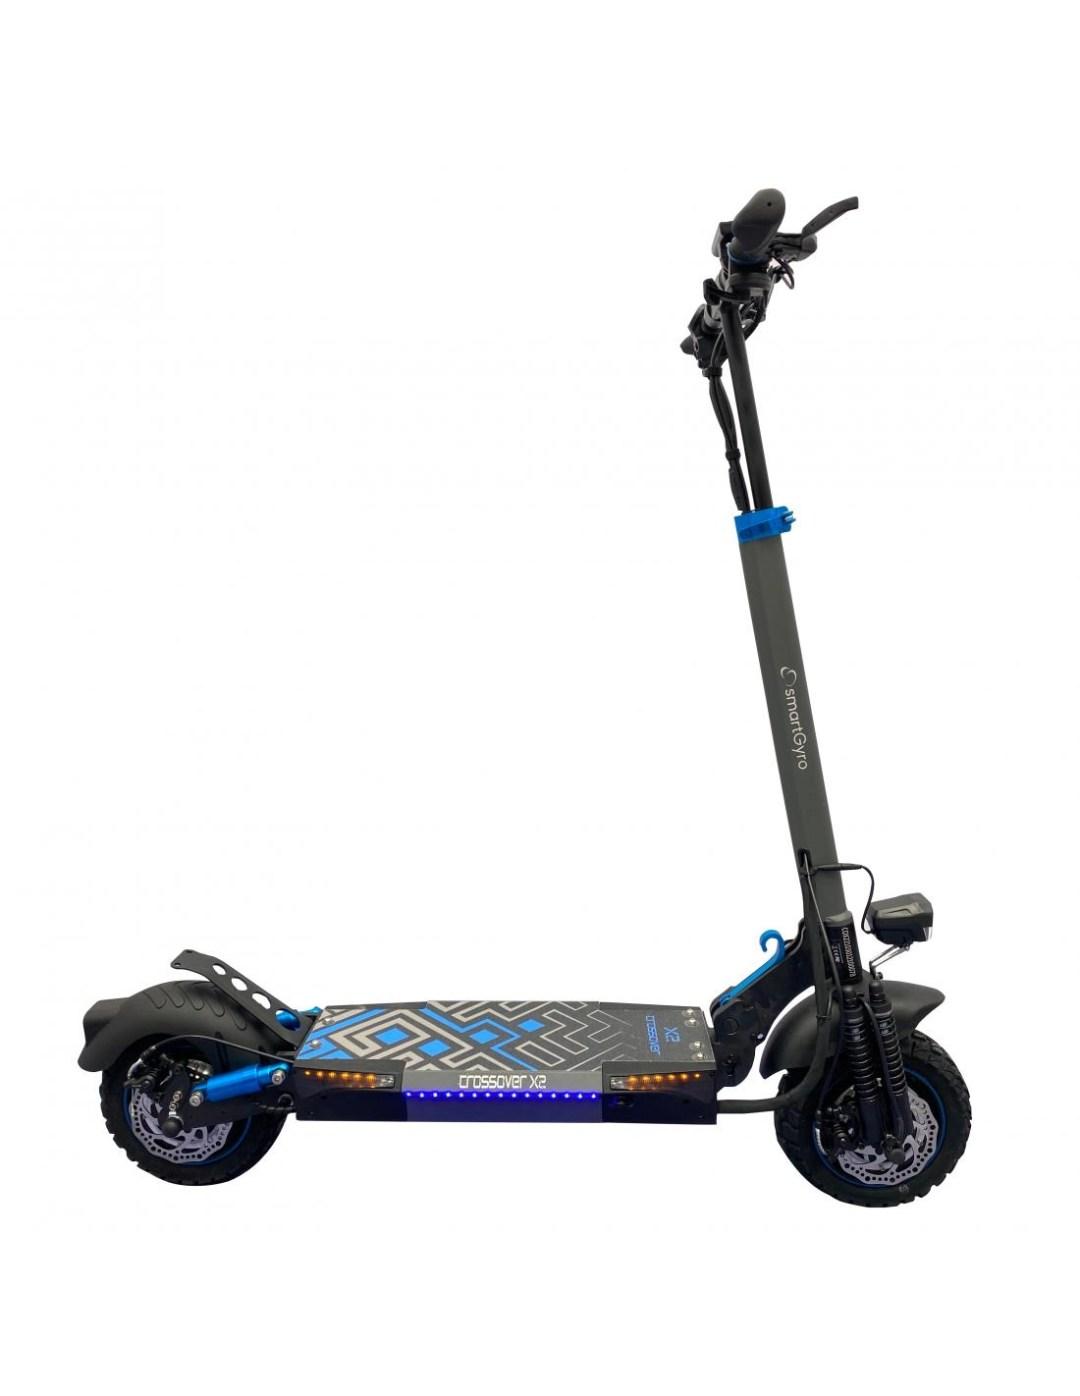 patinete electrico Smartgyro Crossover foto 4